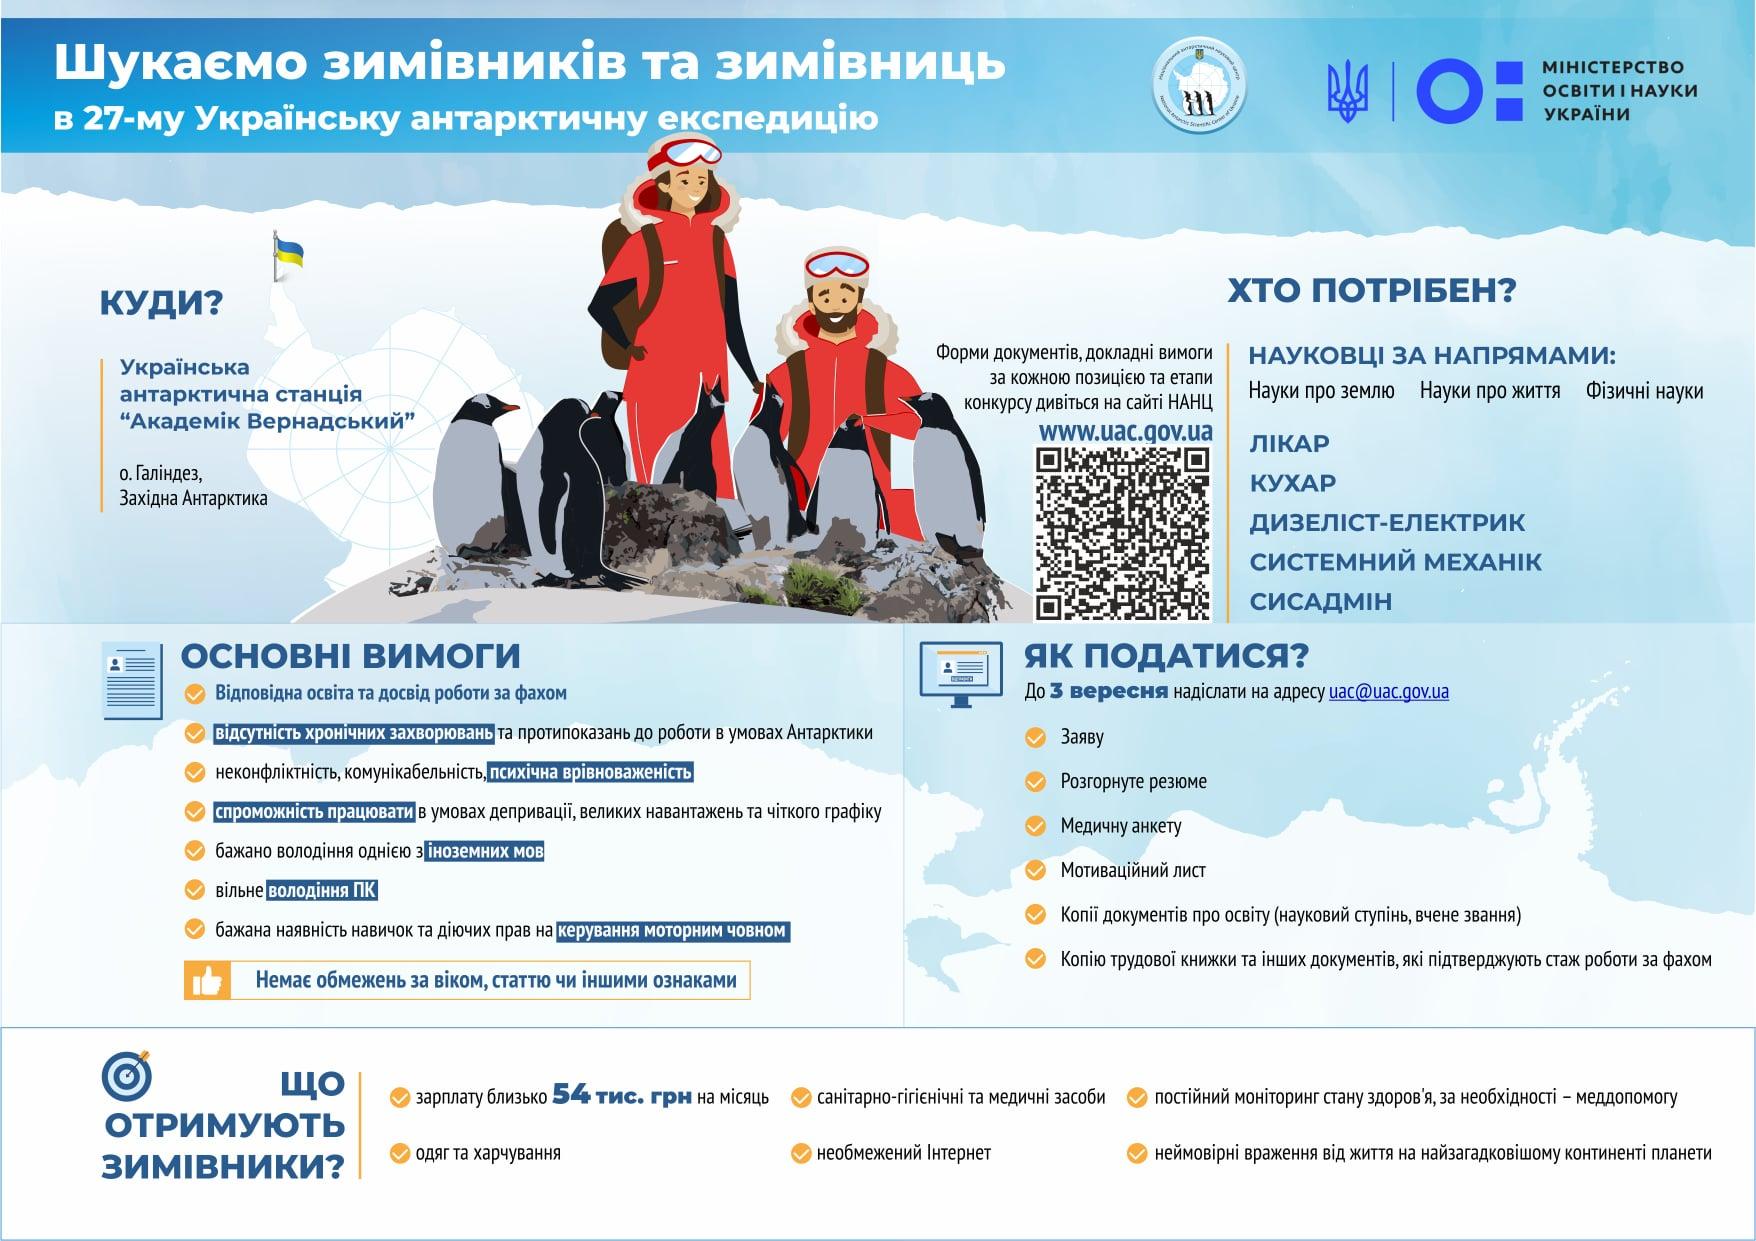 Україна шукає полярників для нової антарктичної експедиції, зарплата – понад 50 тисяч гривень